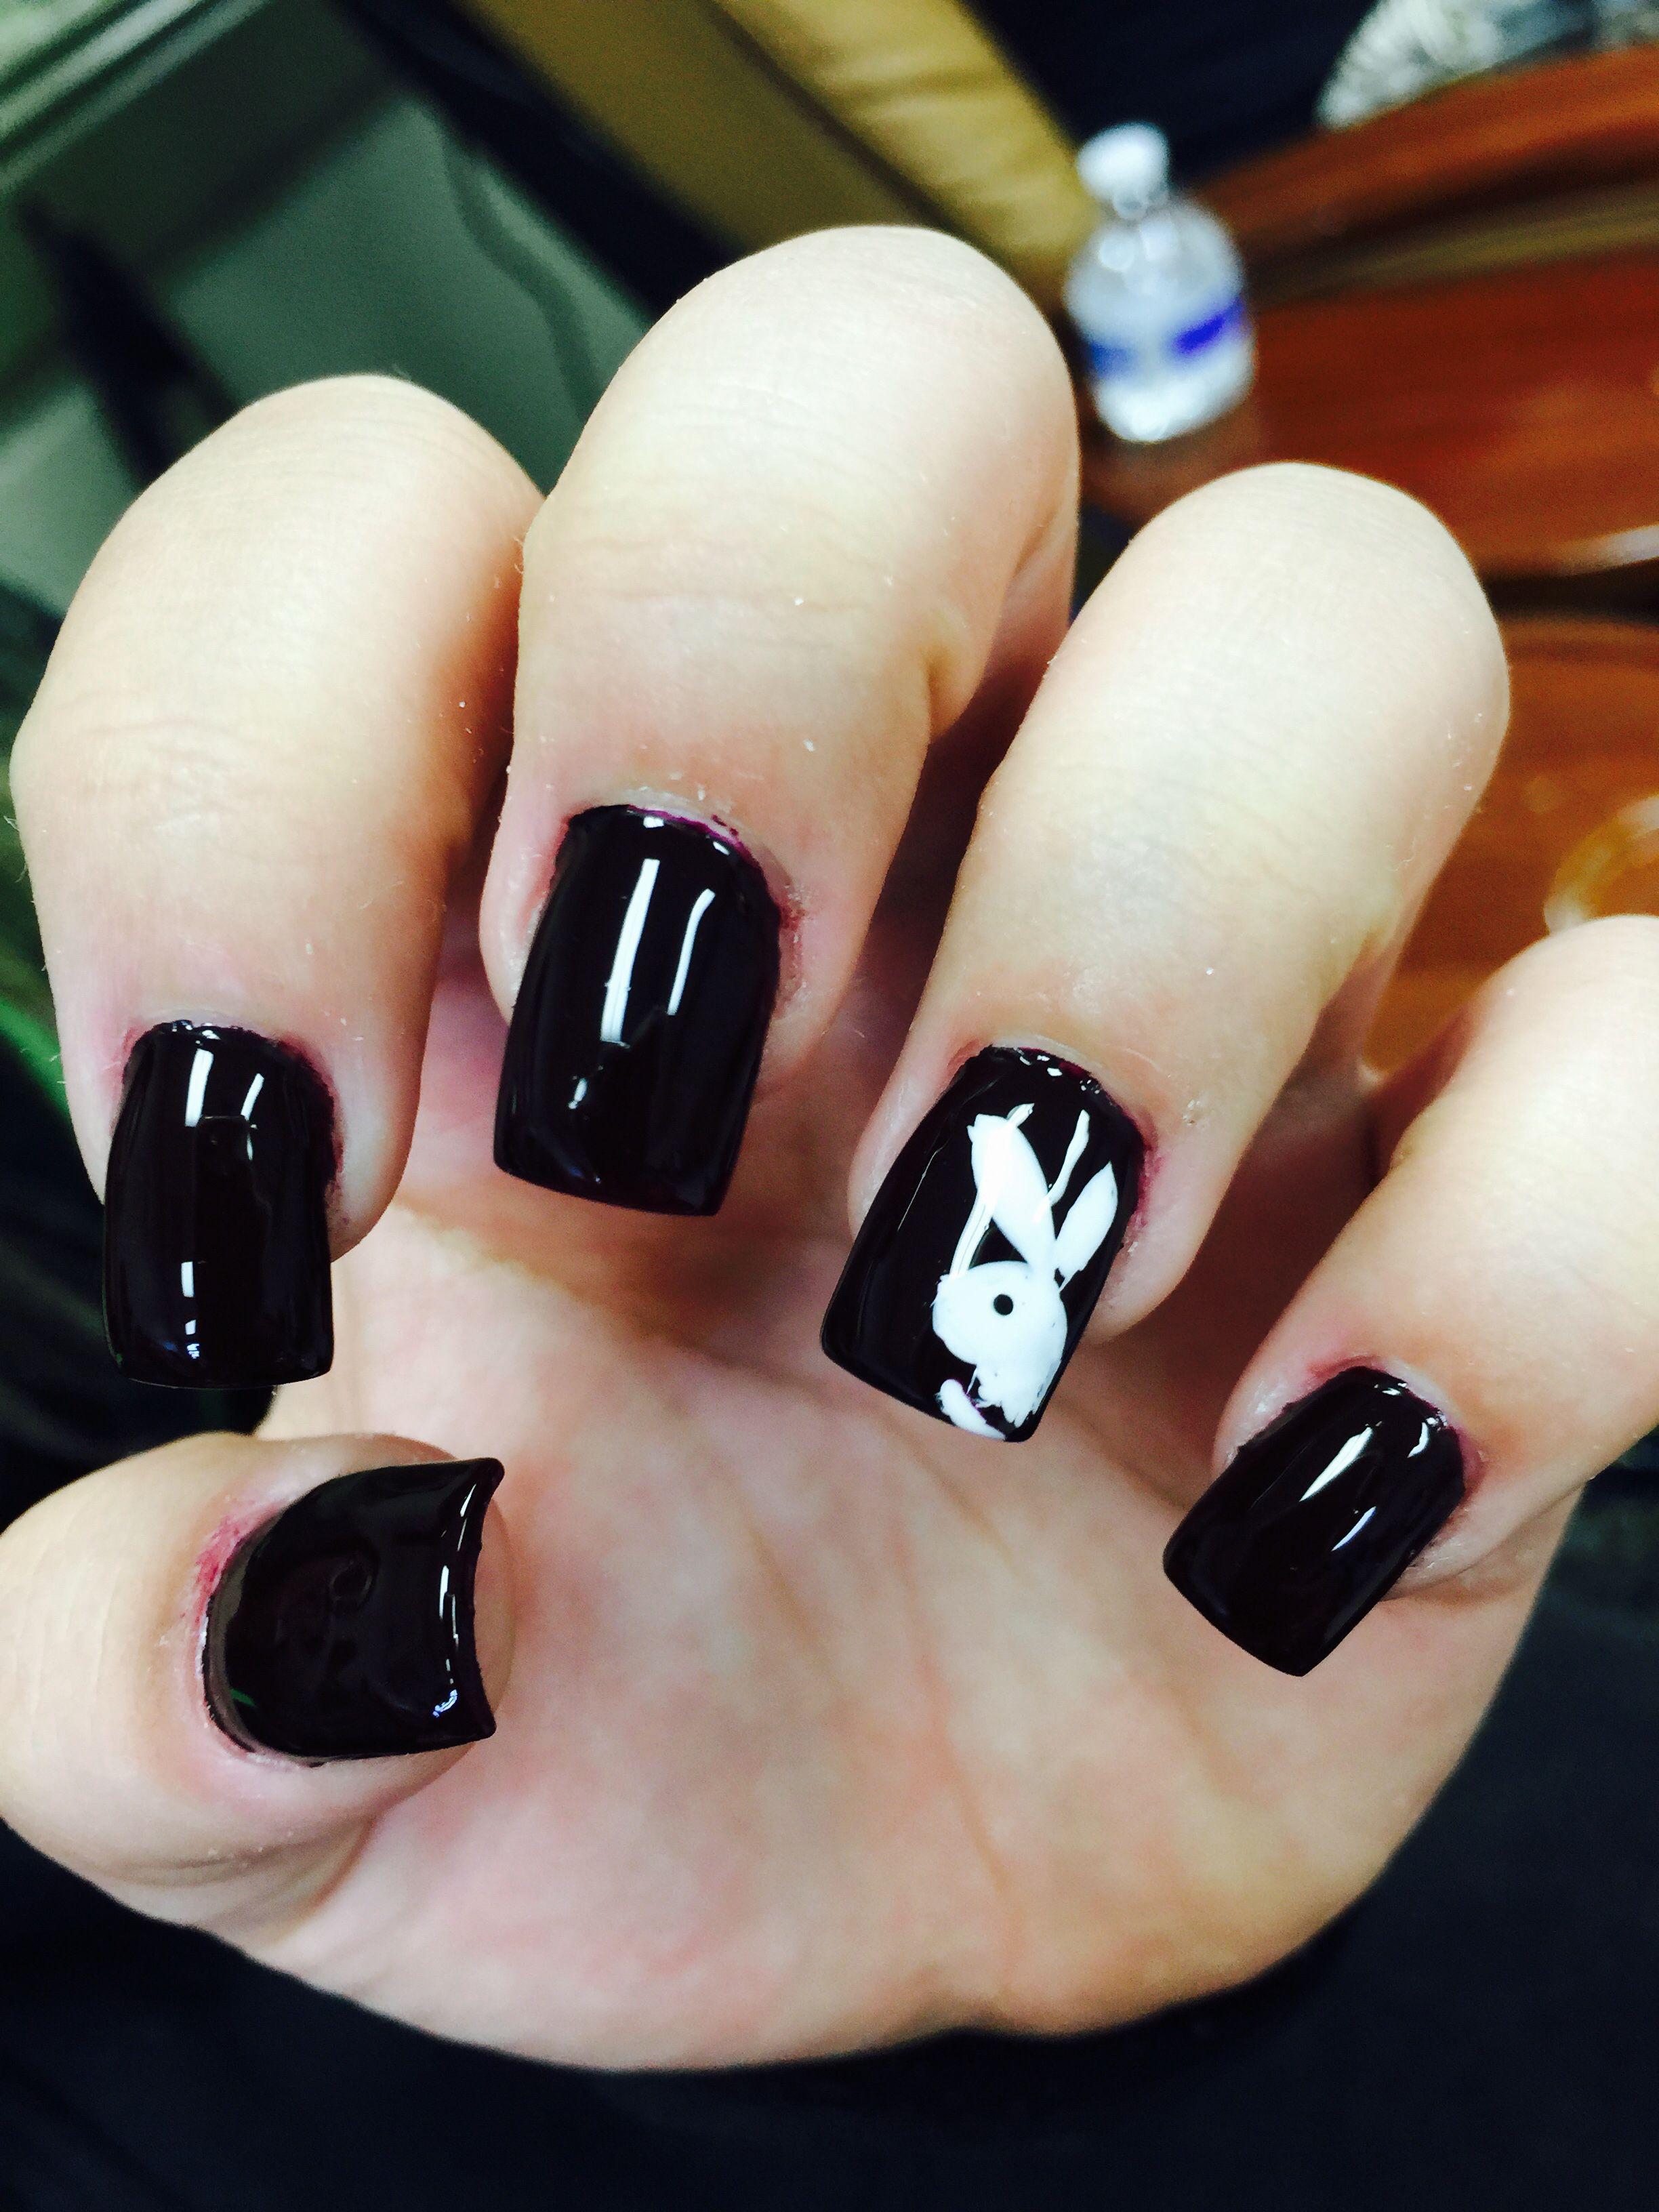 Playboy nails#cool nails#nails designs#winter dark nails | Nail Art ...